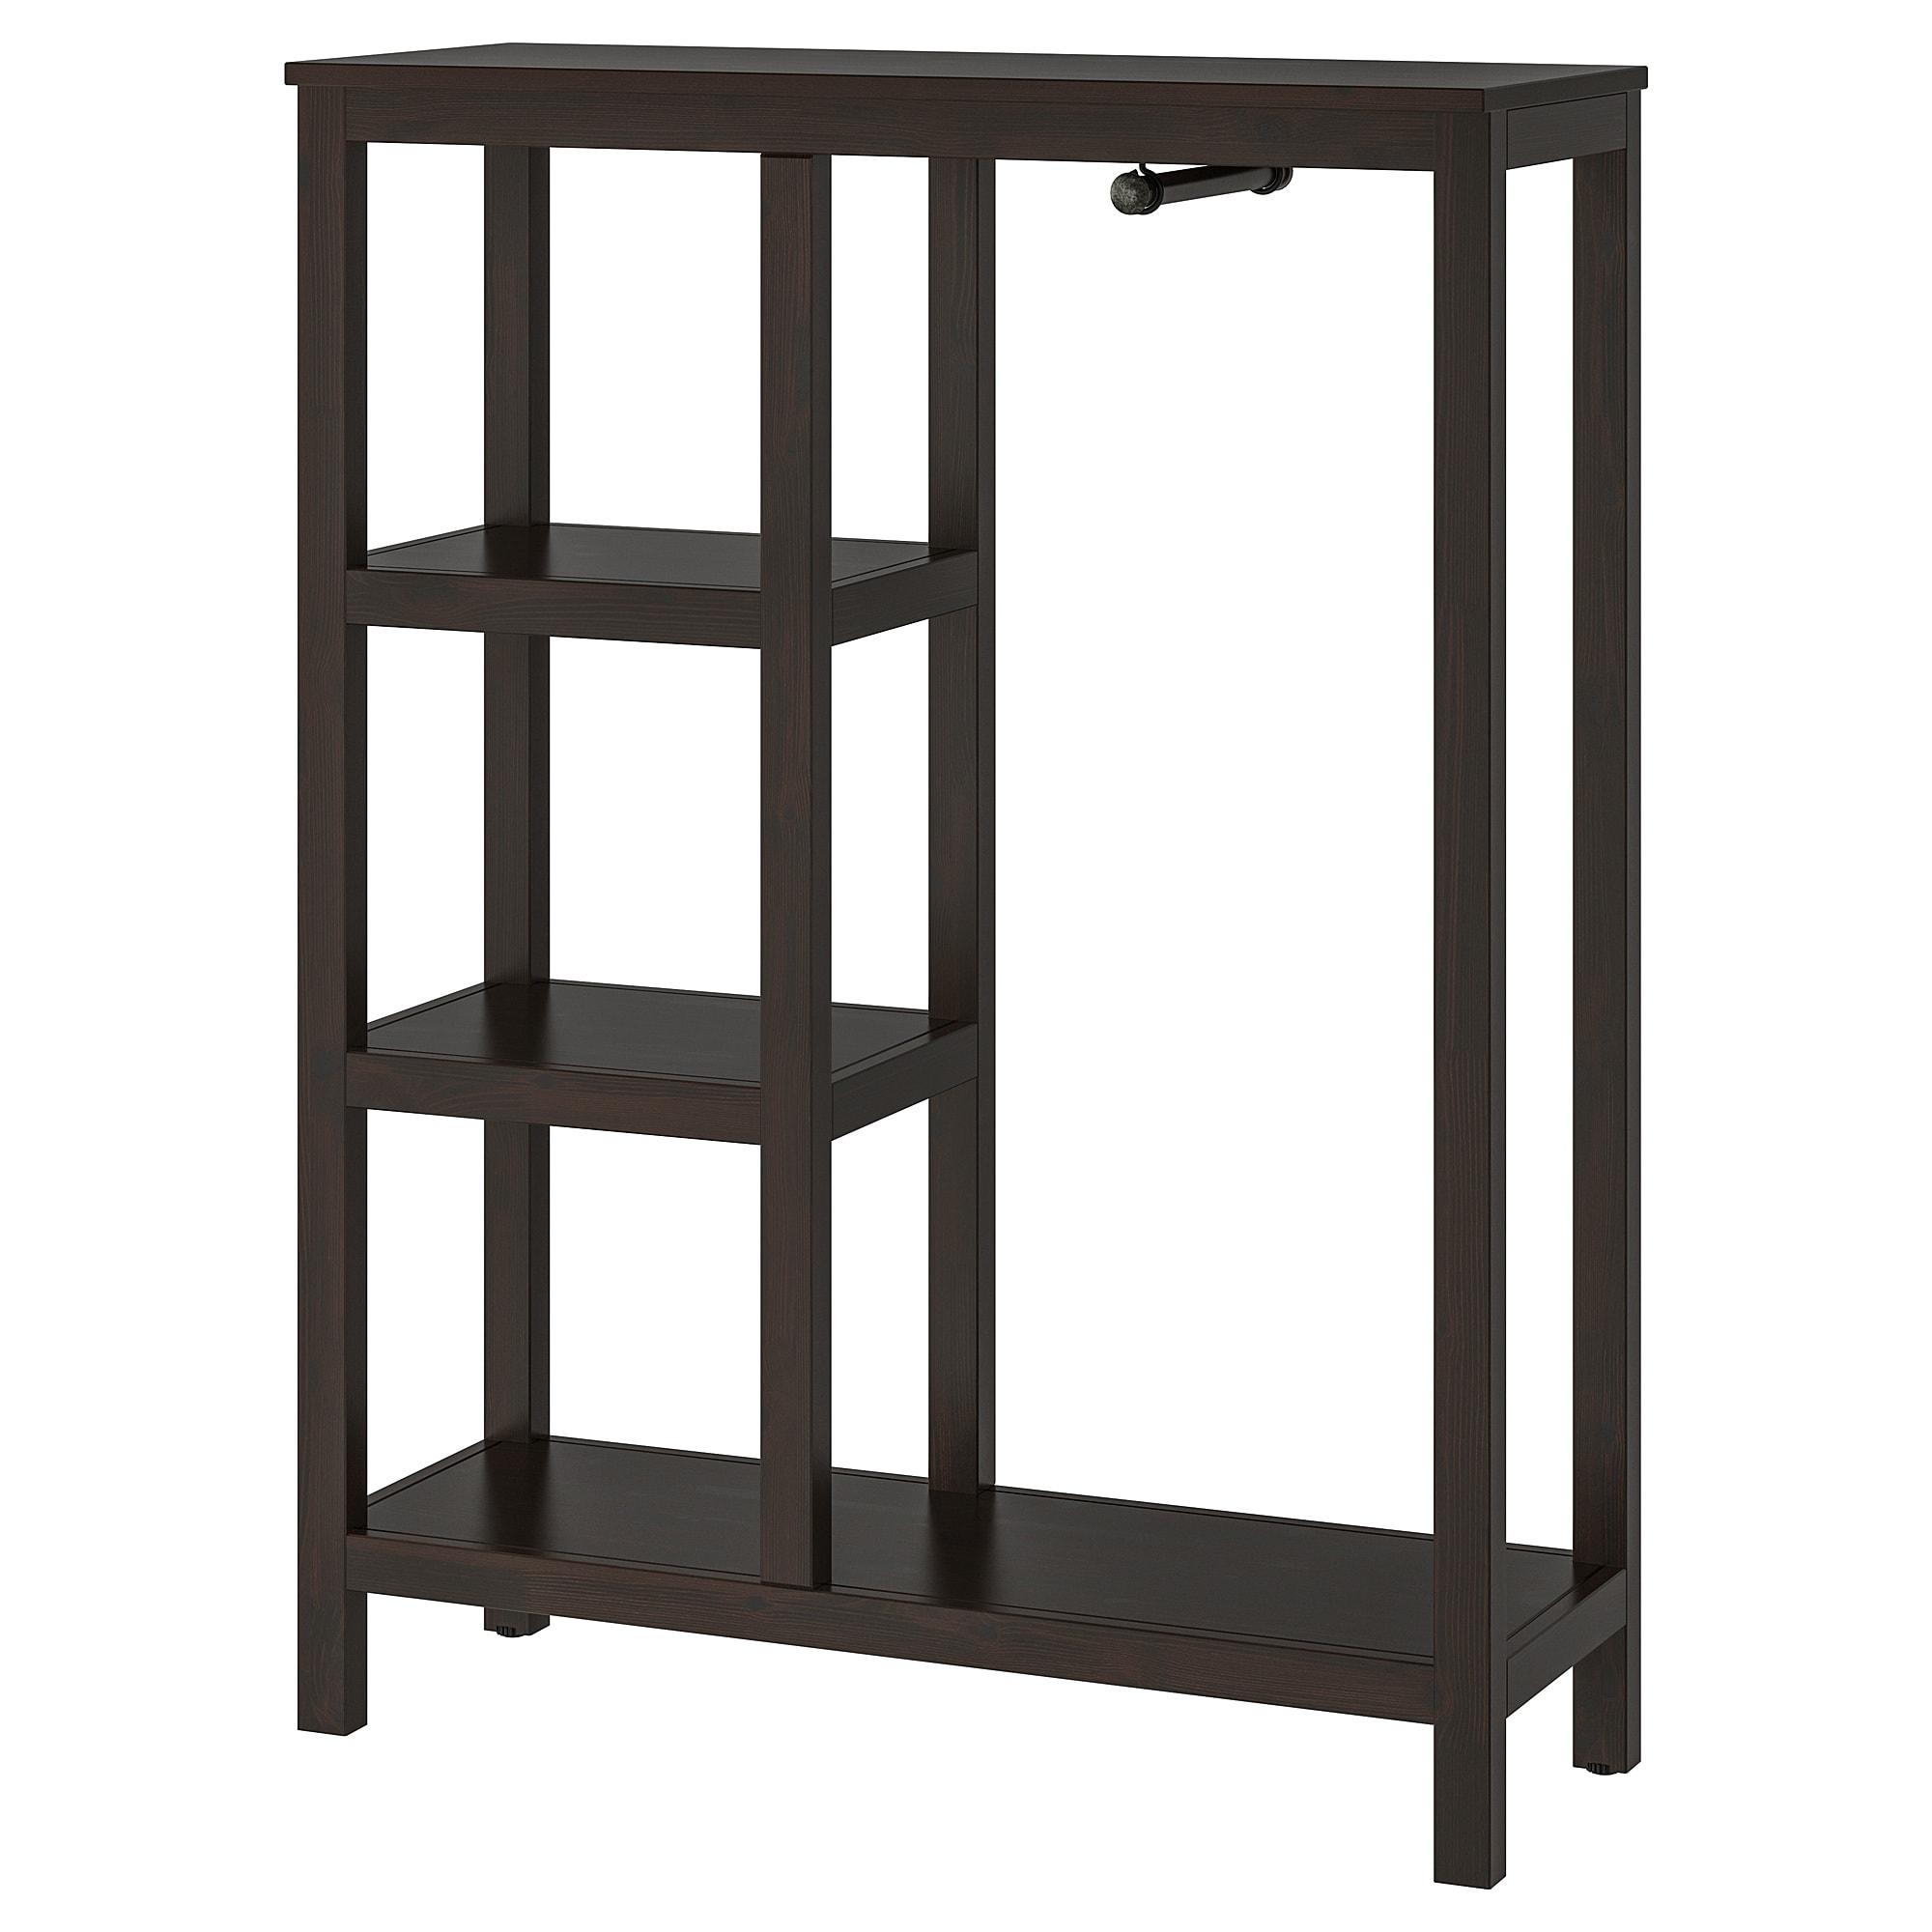 Hemnes Open Kledingkast Wit Gelazuurd 99x37x130 Cm Ikea Open Wardrobe Hemnes Ikea